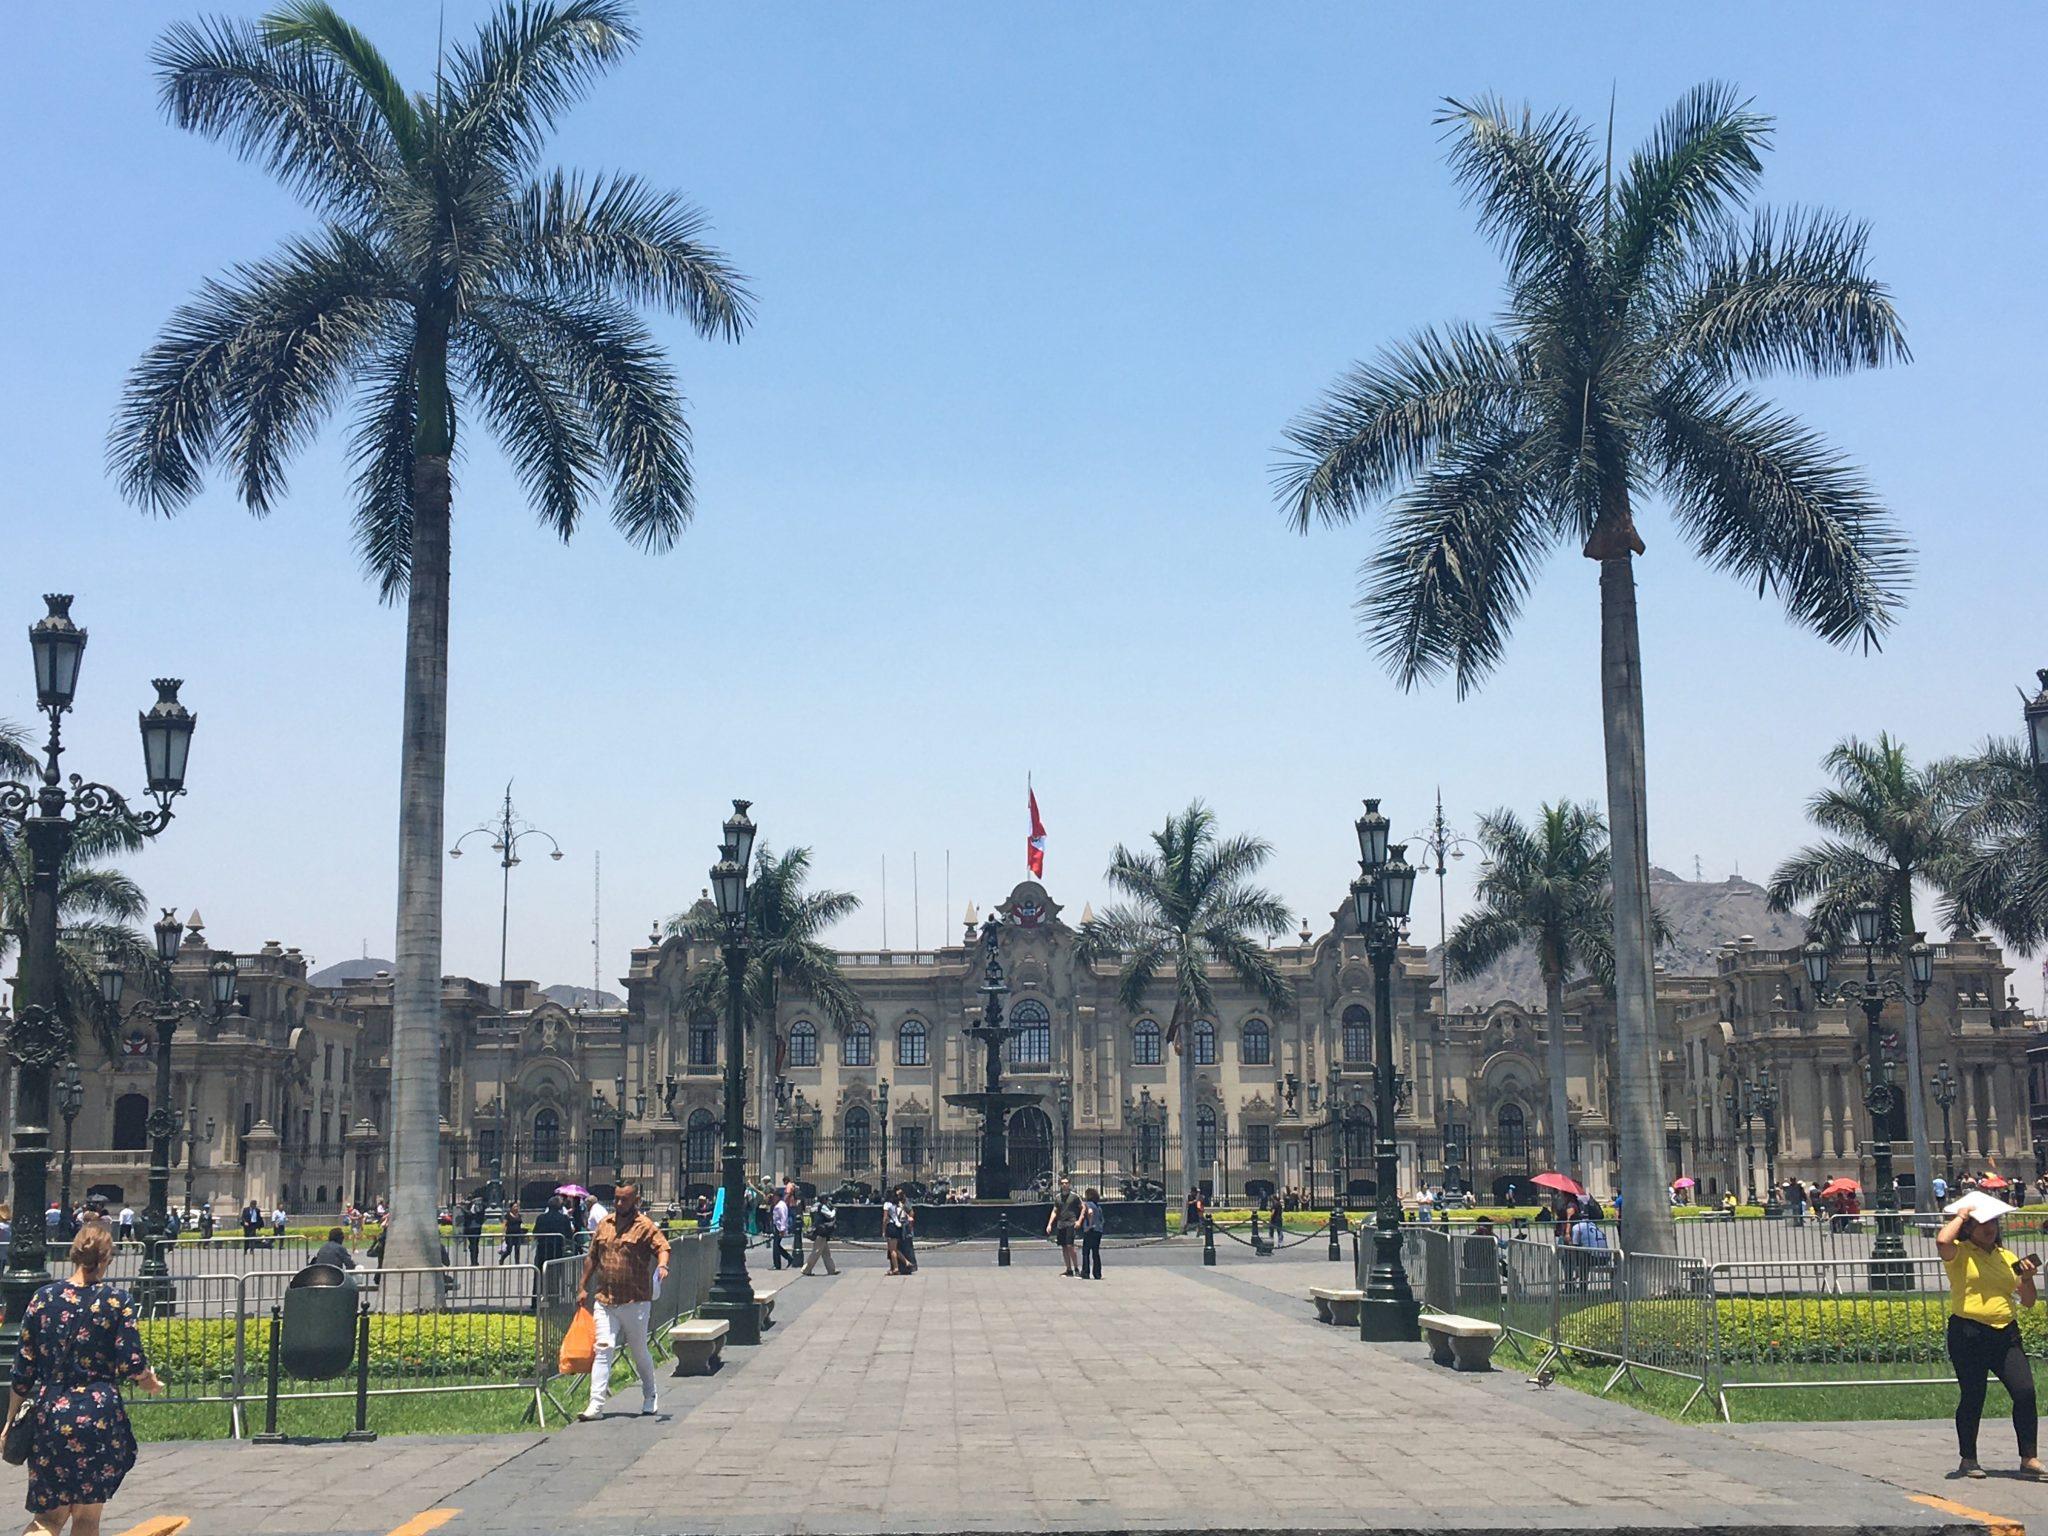 Kerry Logistics adds Lima